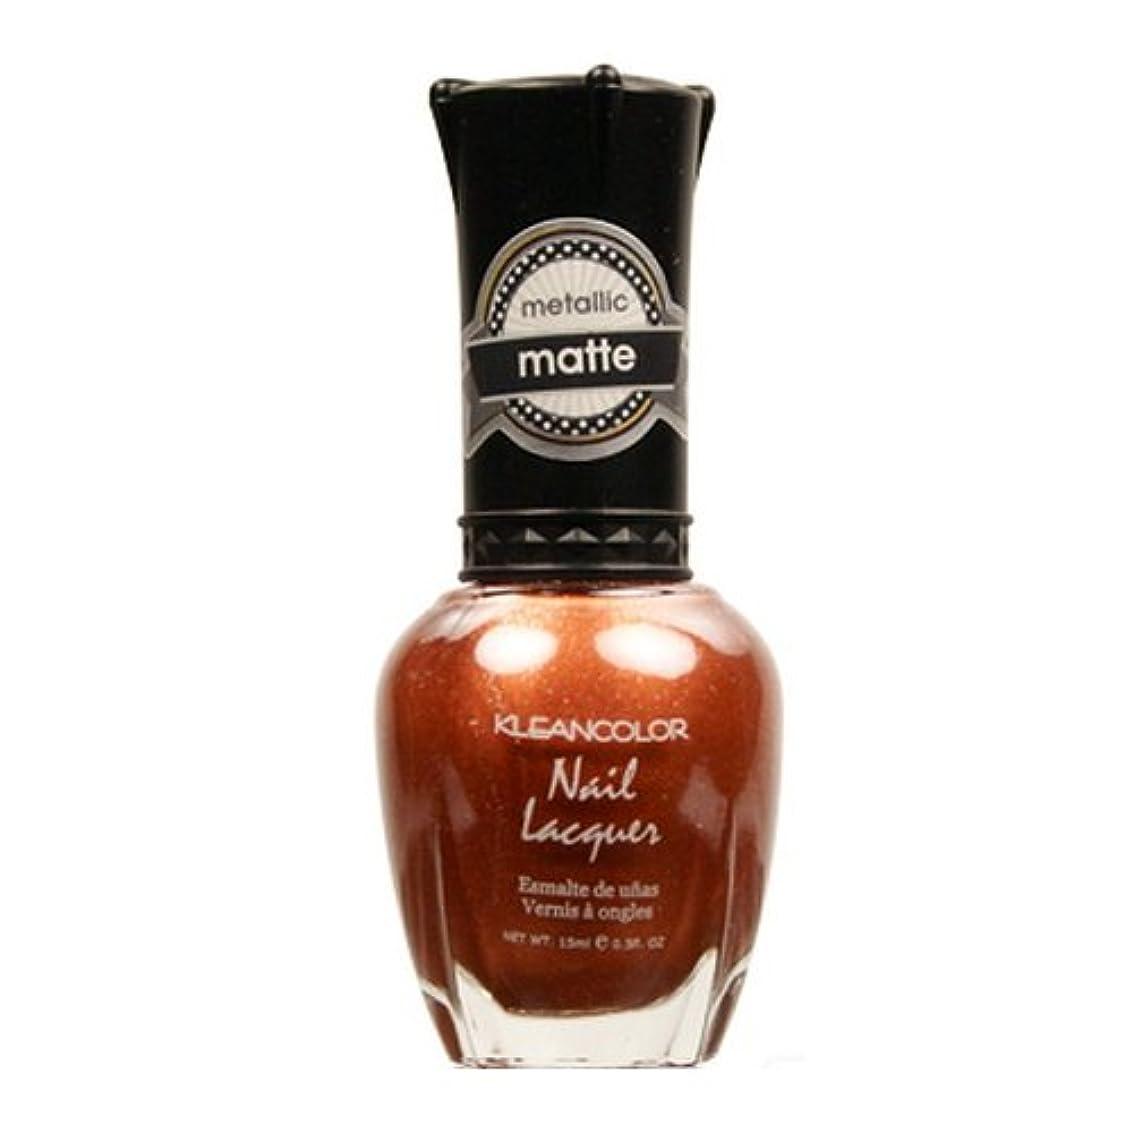 無効間違えたアーティキュレーションKLEANCOLOR Matte Nail Lacquer - Oh So Teasing (並行輸入品)